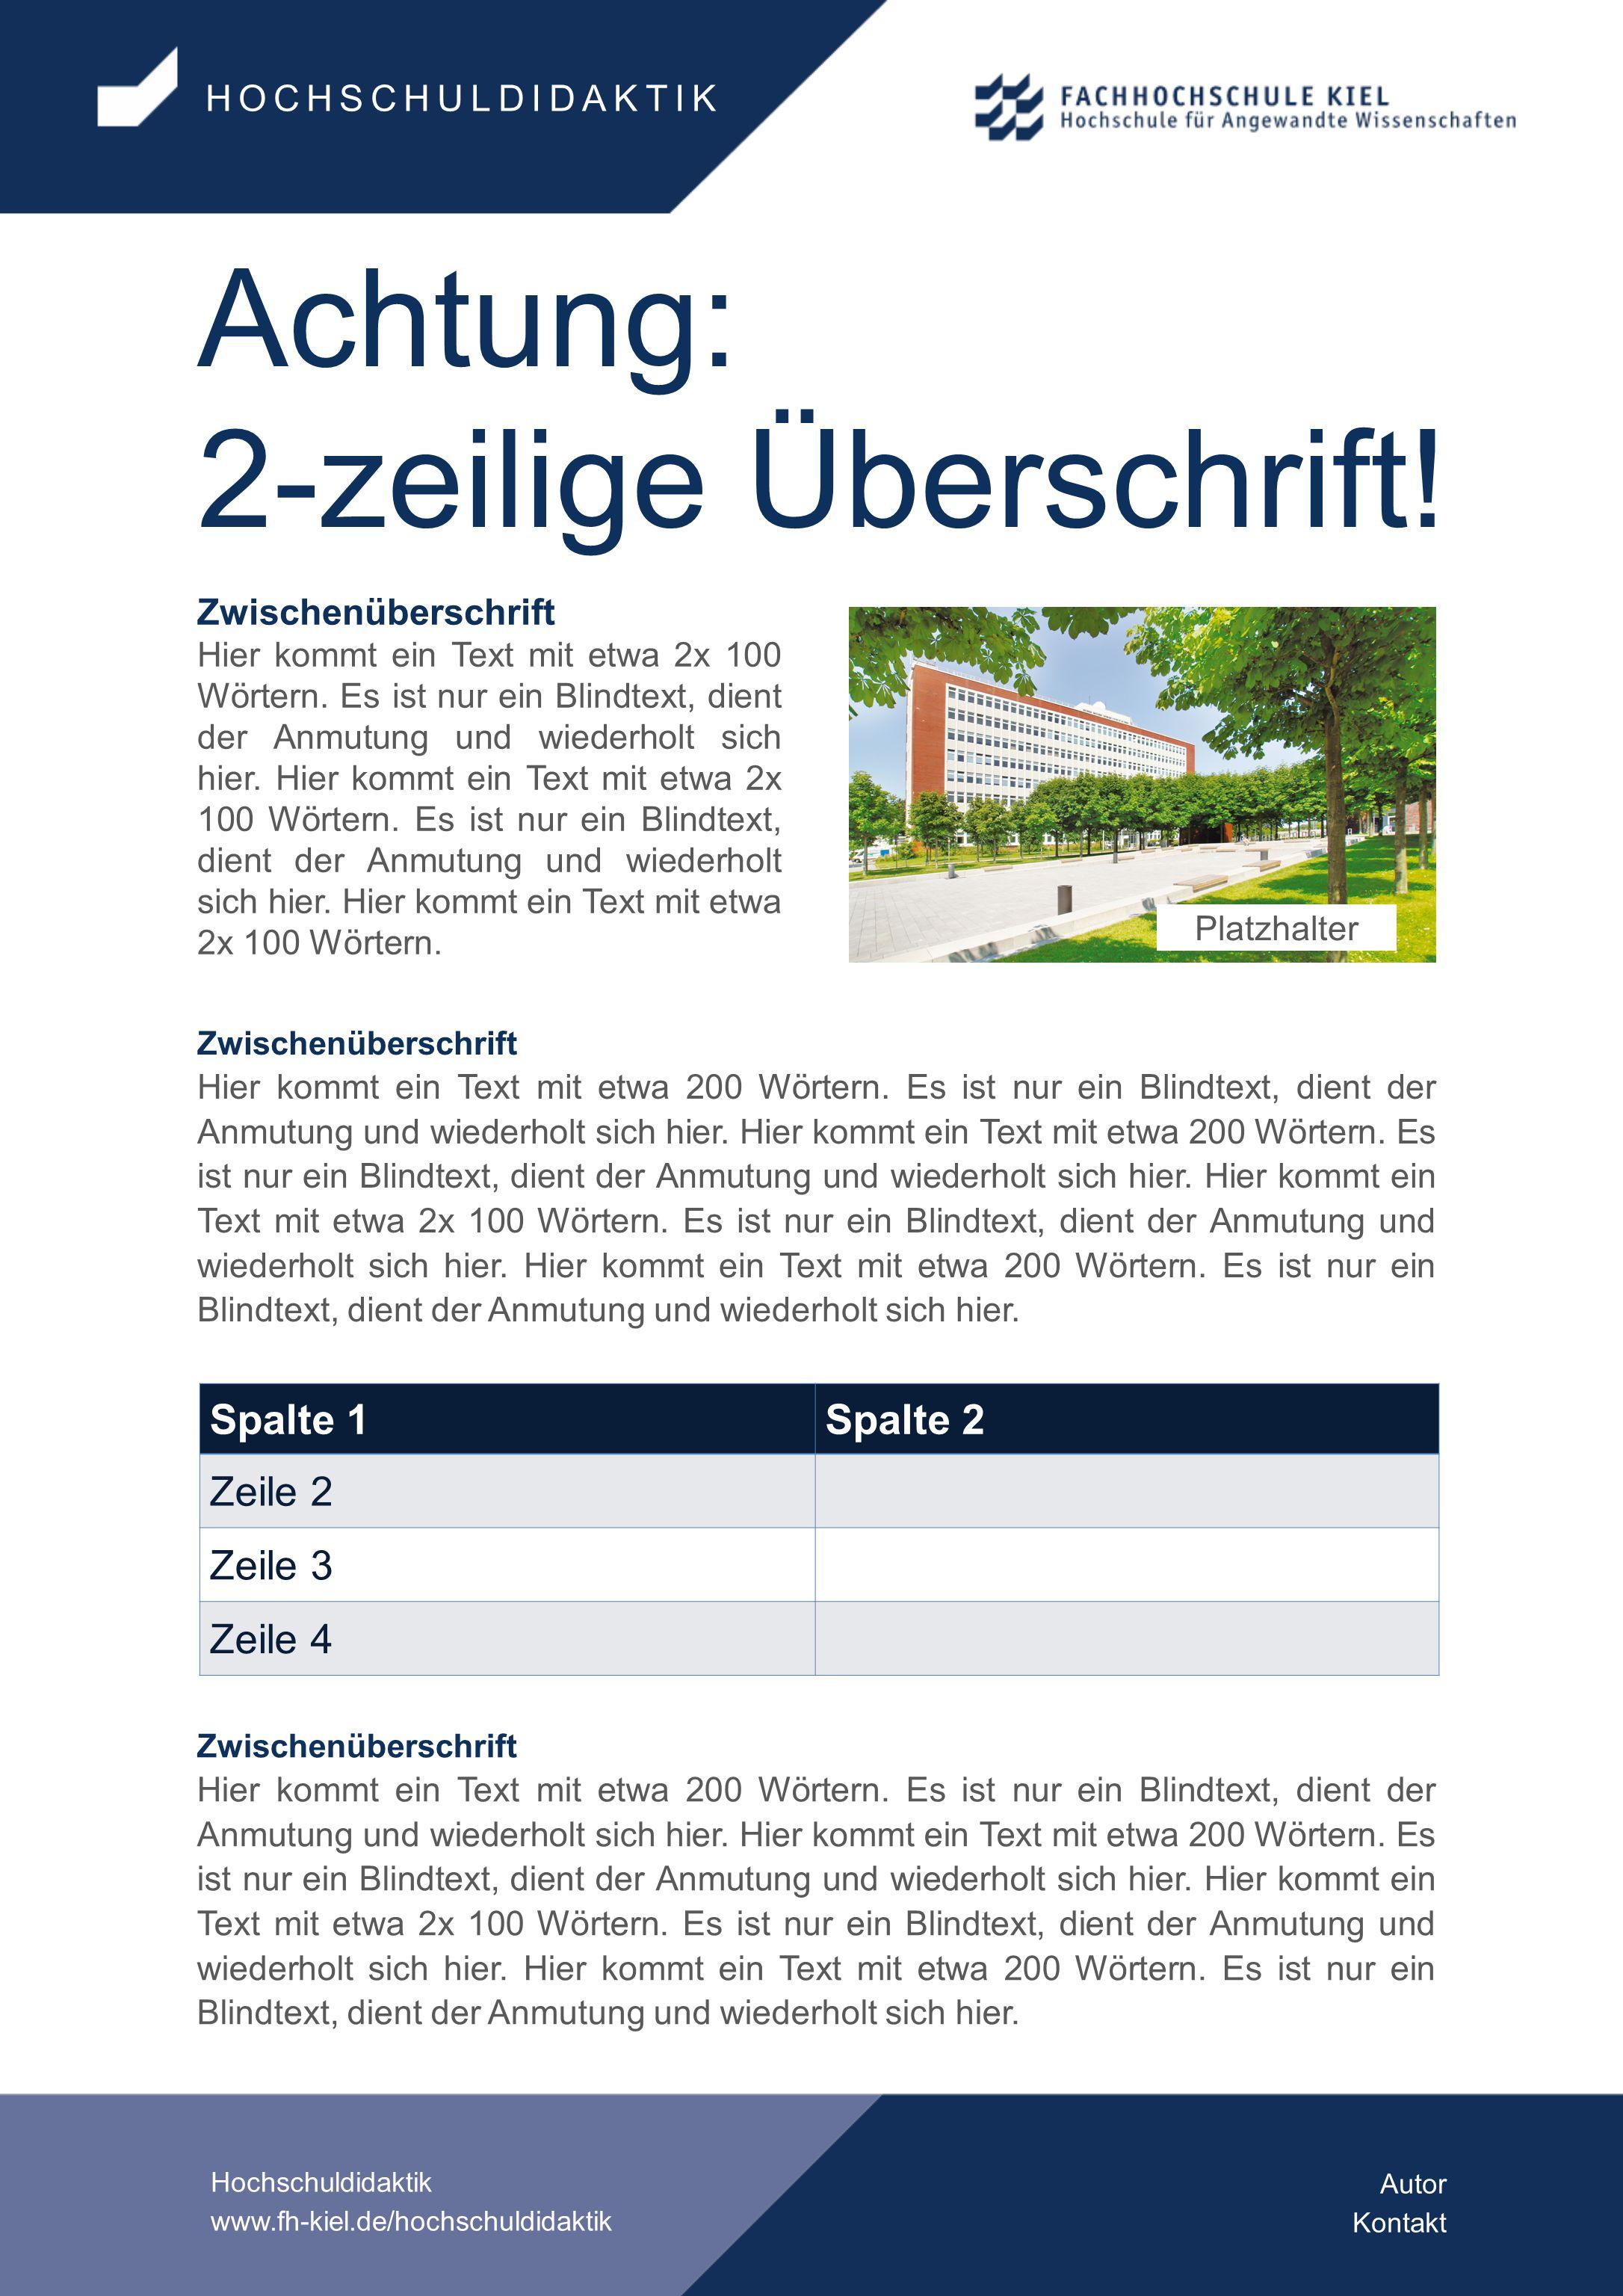 HOCHSCHULDIDAKTIK Hochschuldidaktik www.fh-kiel.de/hochschuldidaktik Achtung: 2-zeilige Überschrift.